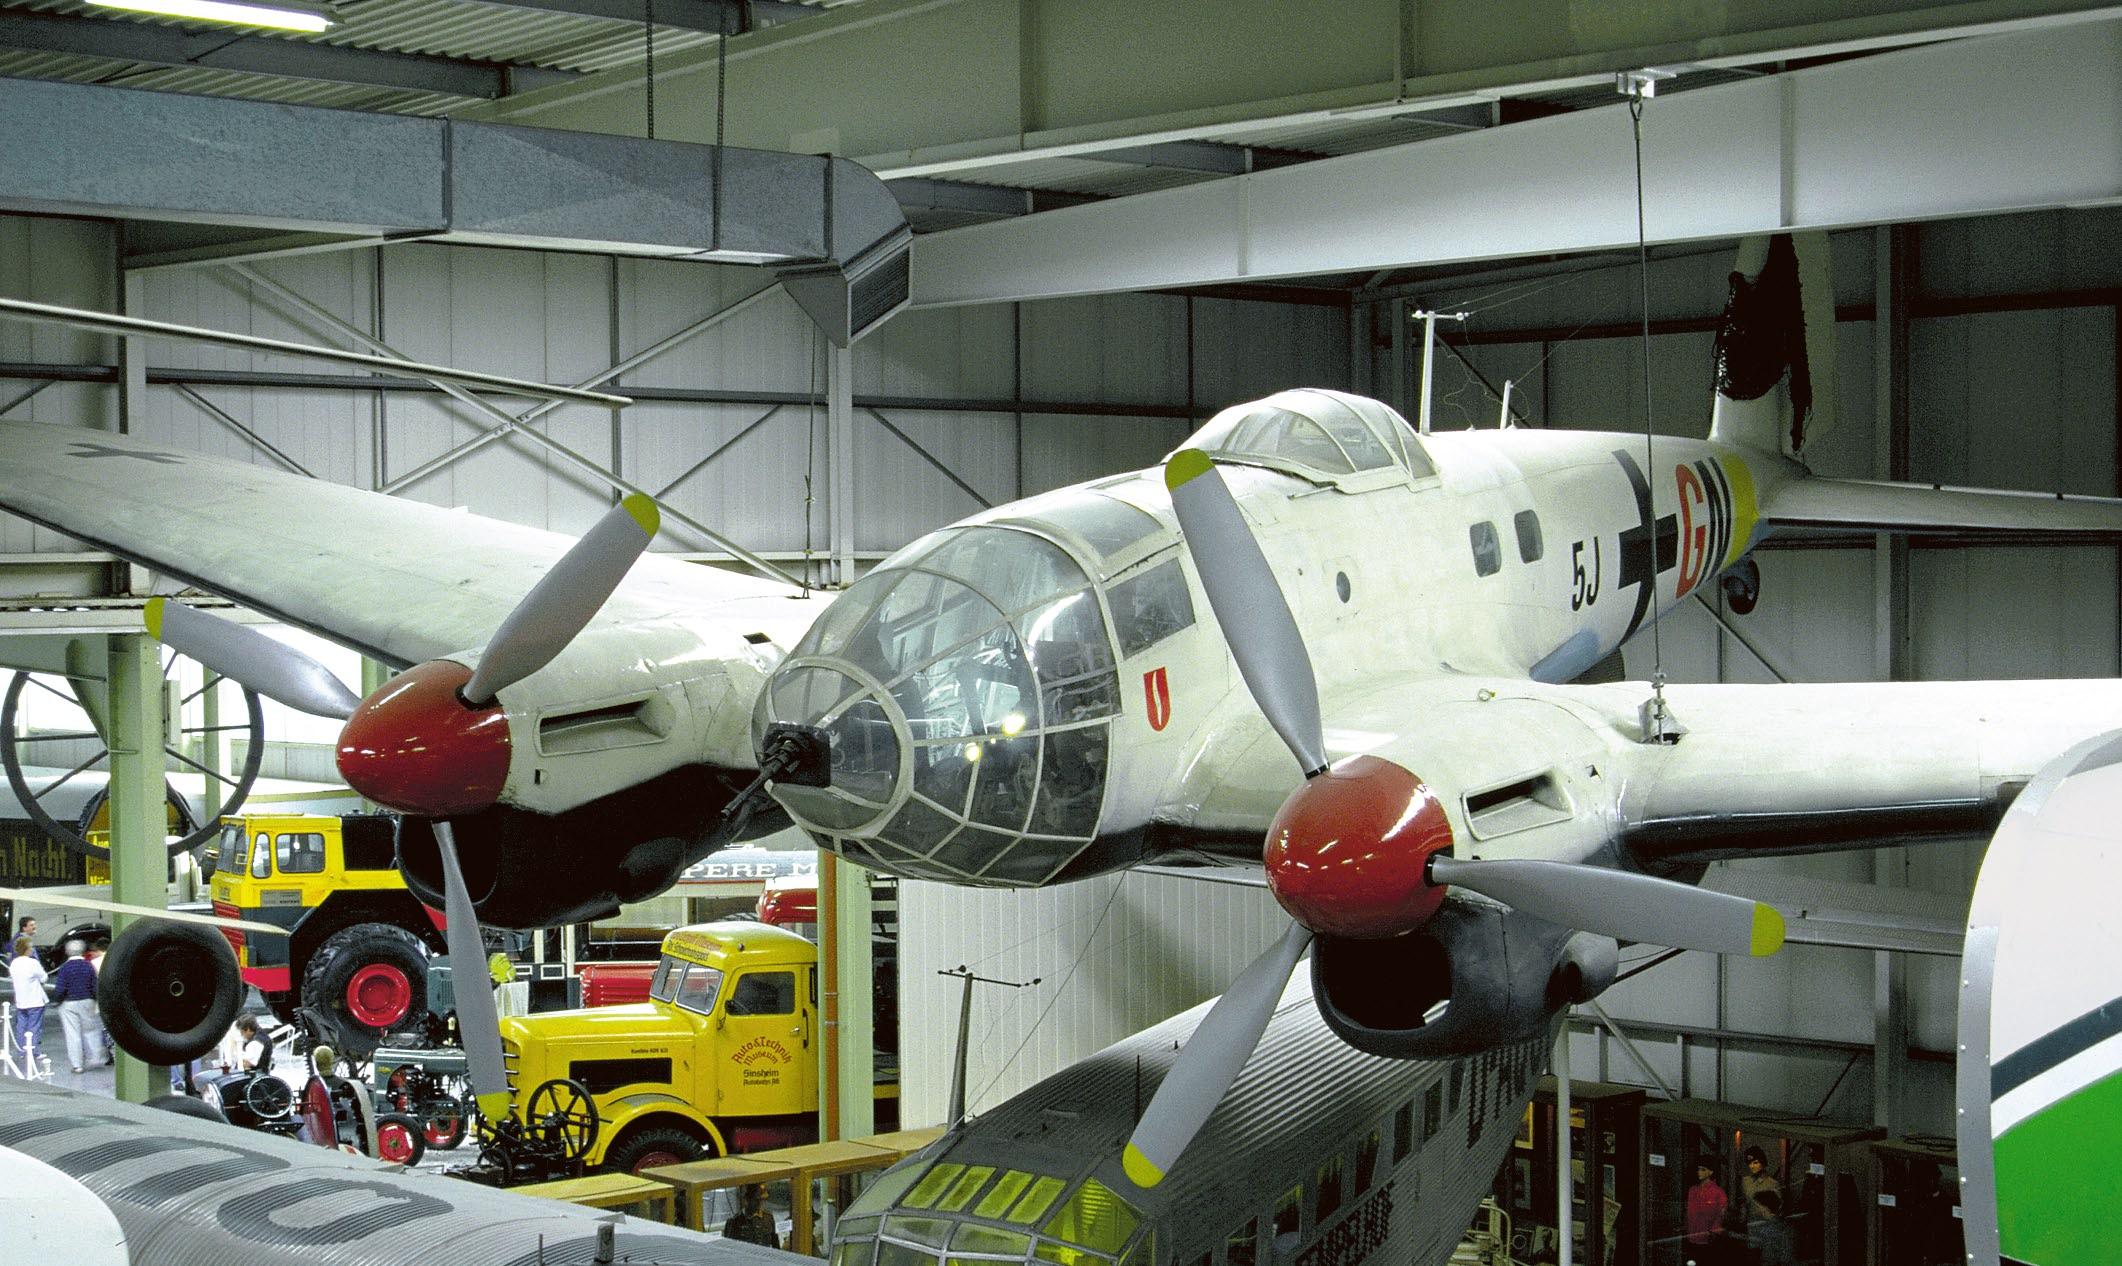 Heinkel He-111 | Technik Museum Sinsheim